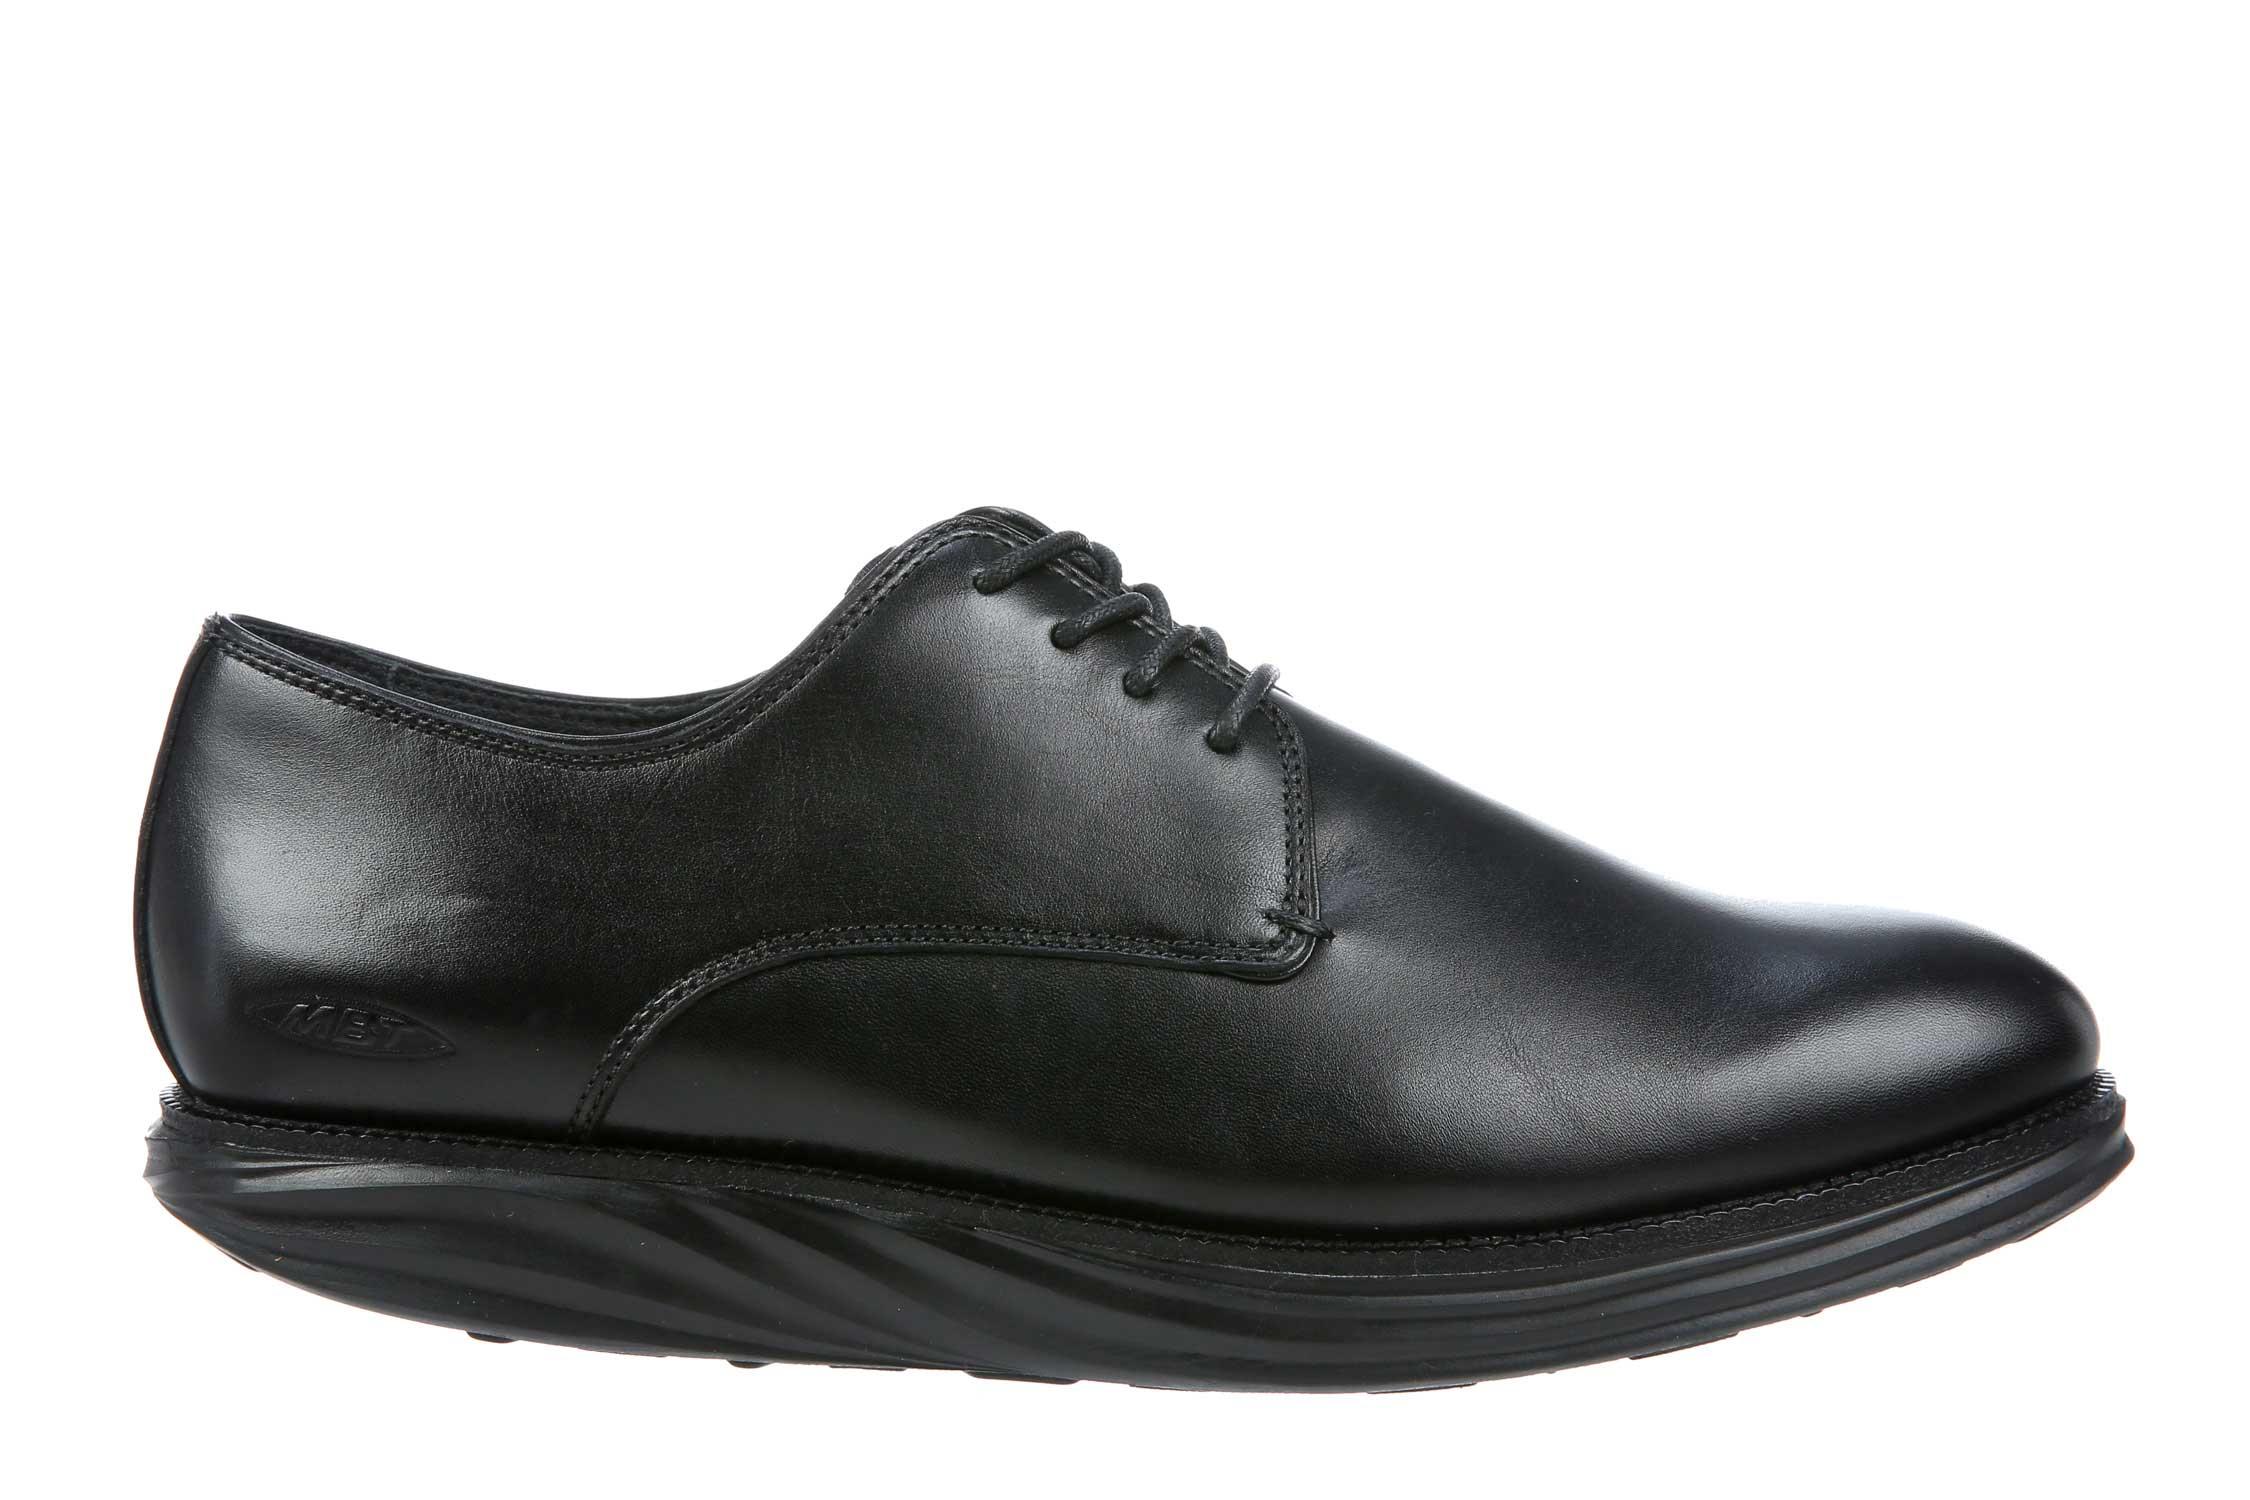 673c72d4d7d1 MBT Shoes Men s Boston Dress - Moderate